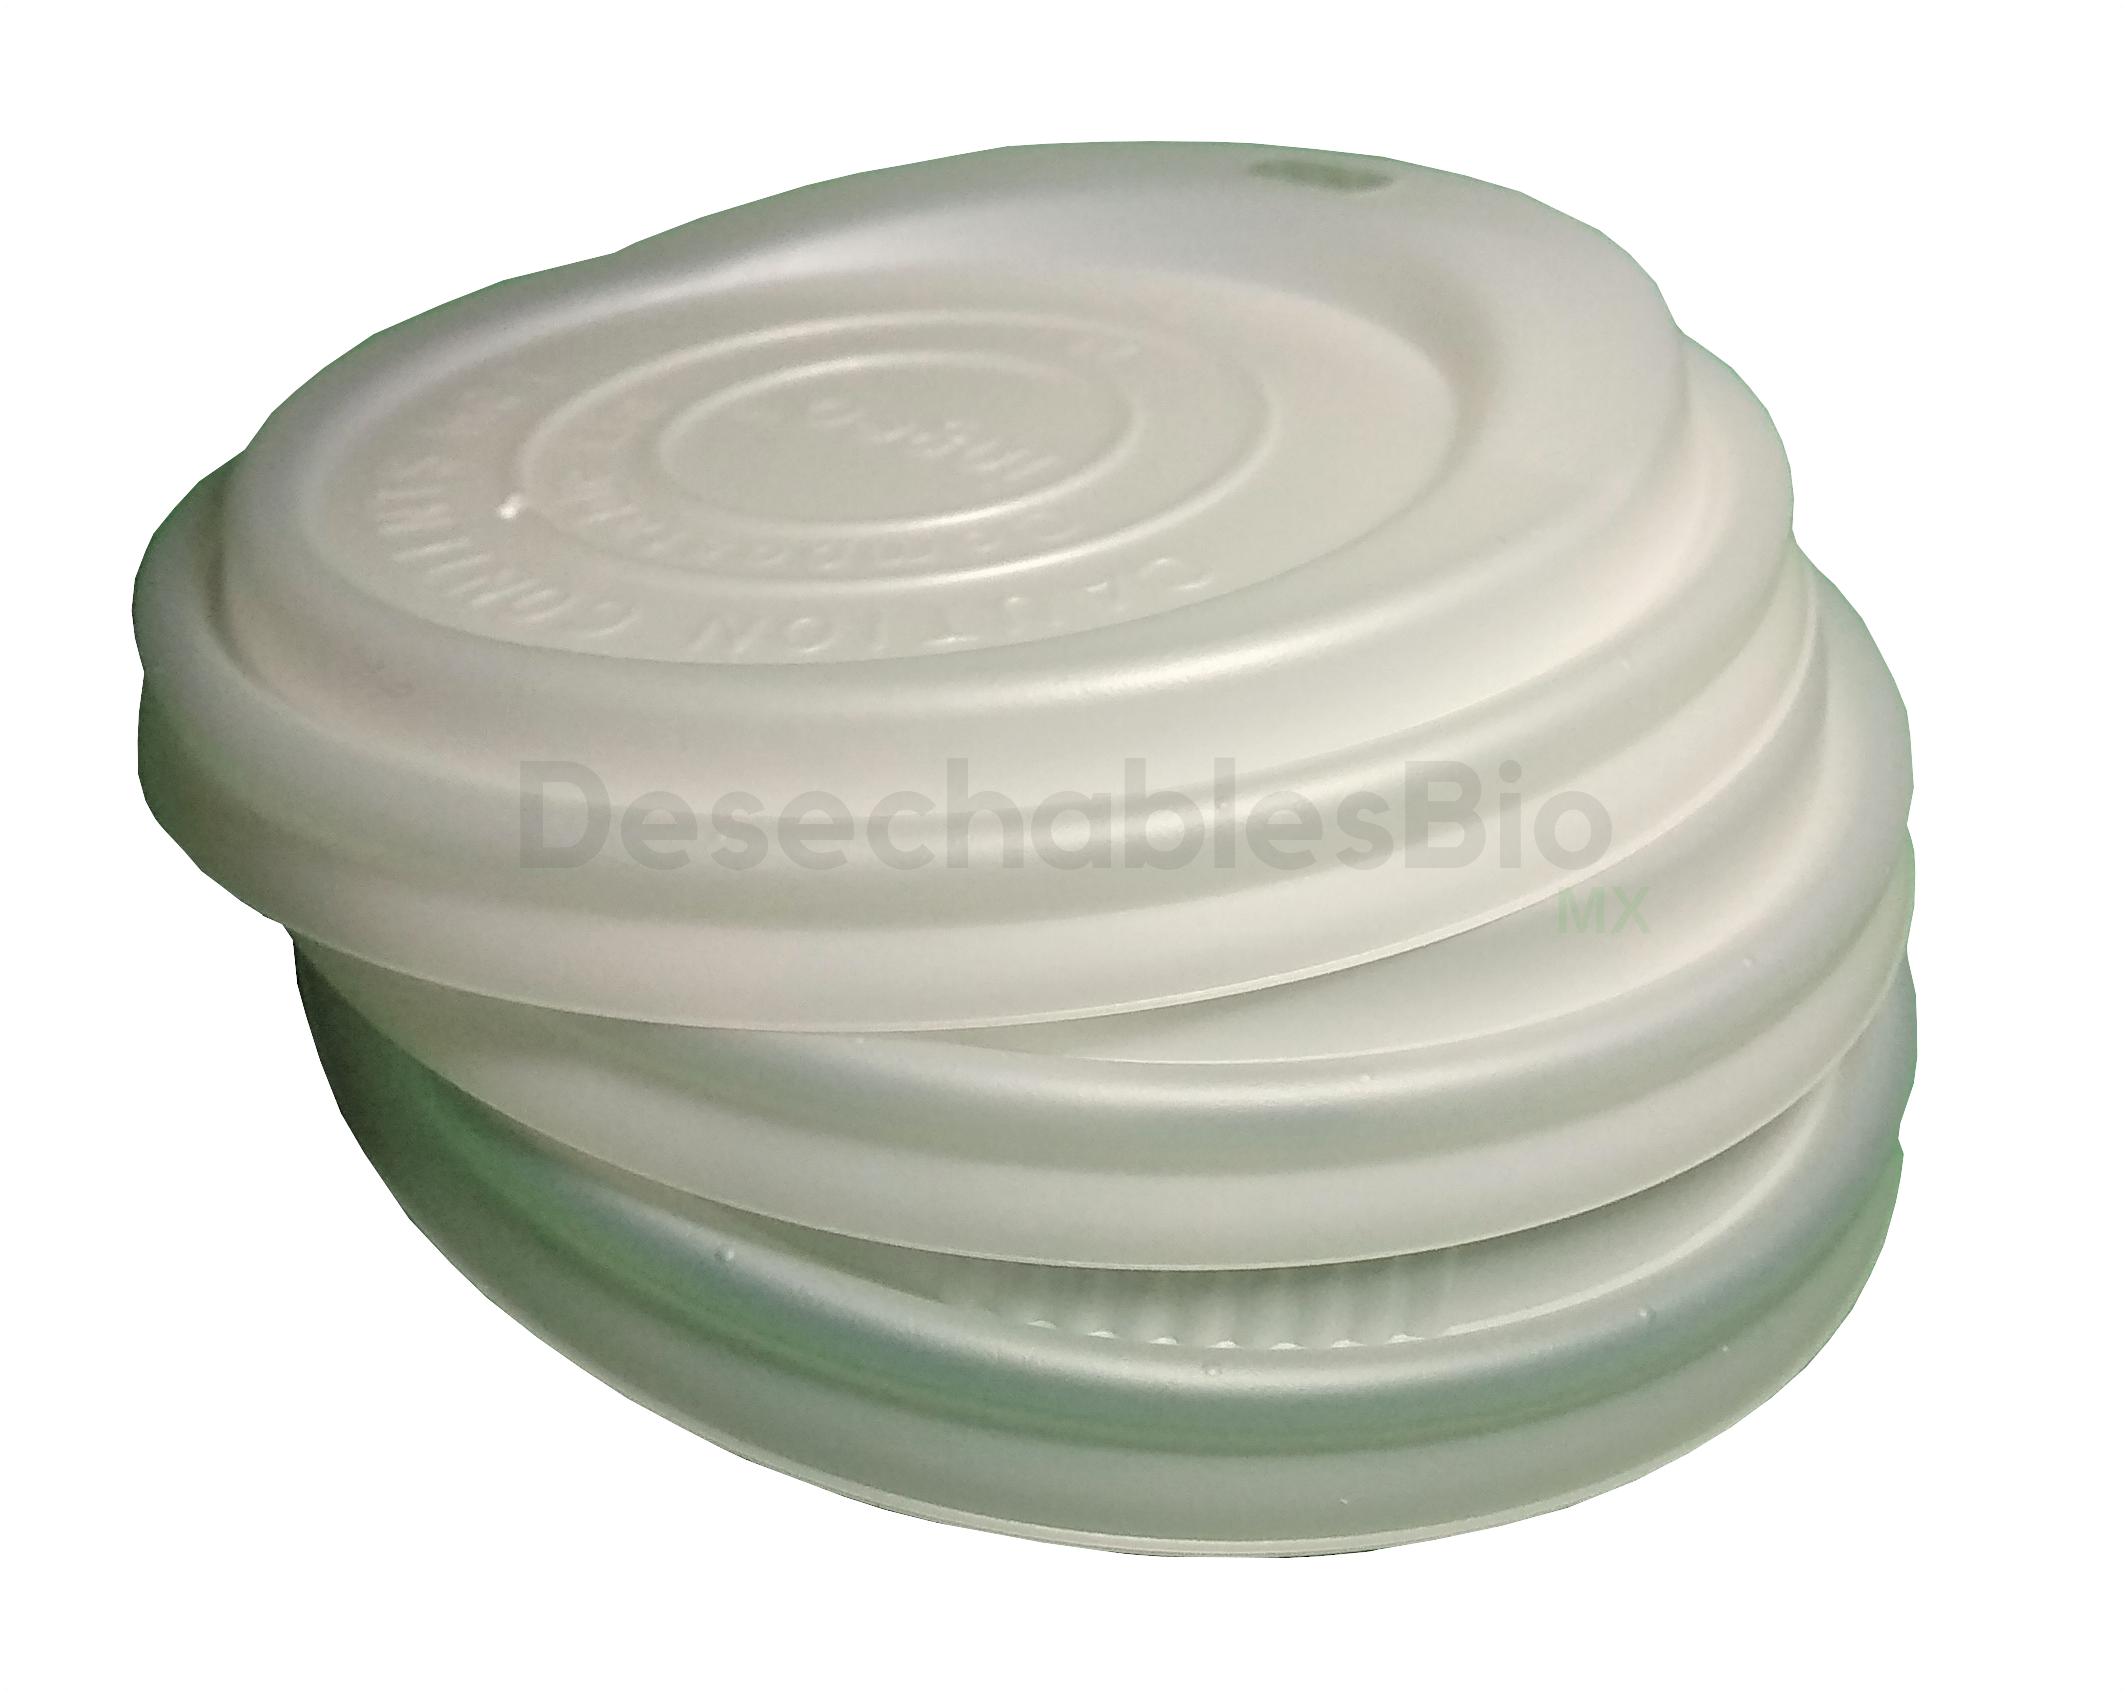 Desechables Bio México | Tapas Vasos Desechables 10-20 Oz. Biodegradables De PLA 2